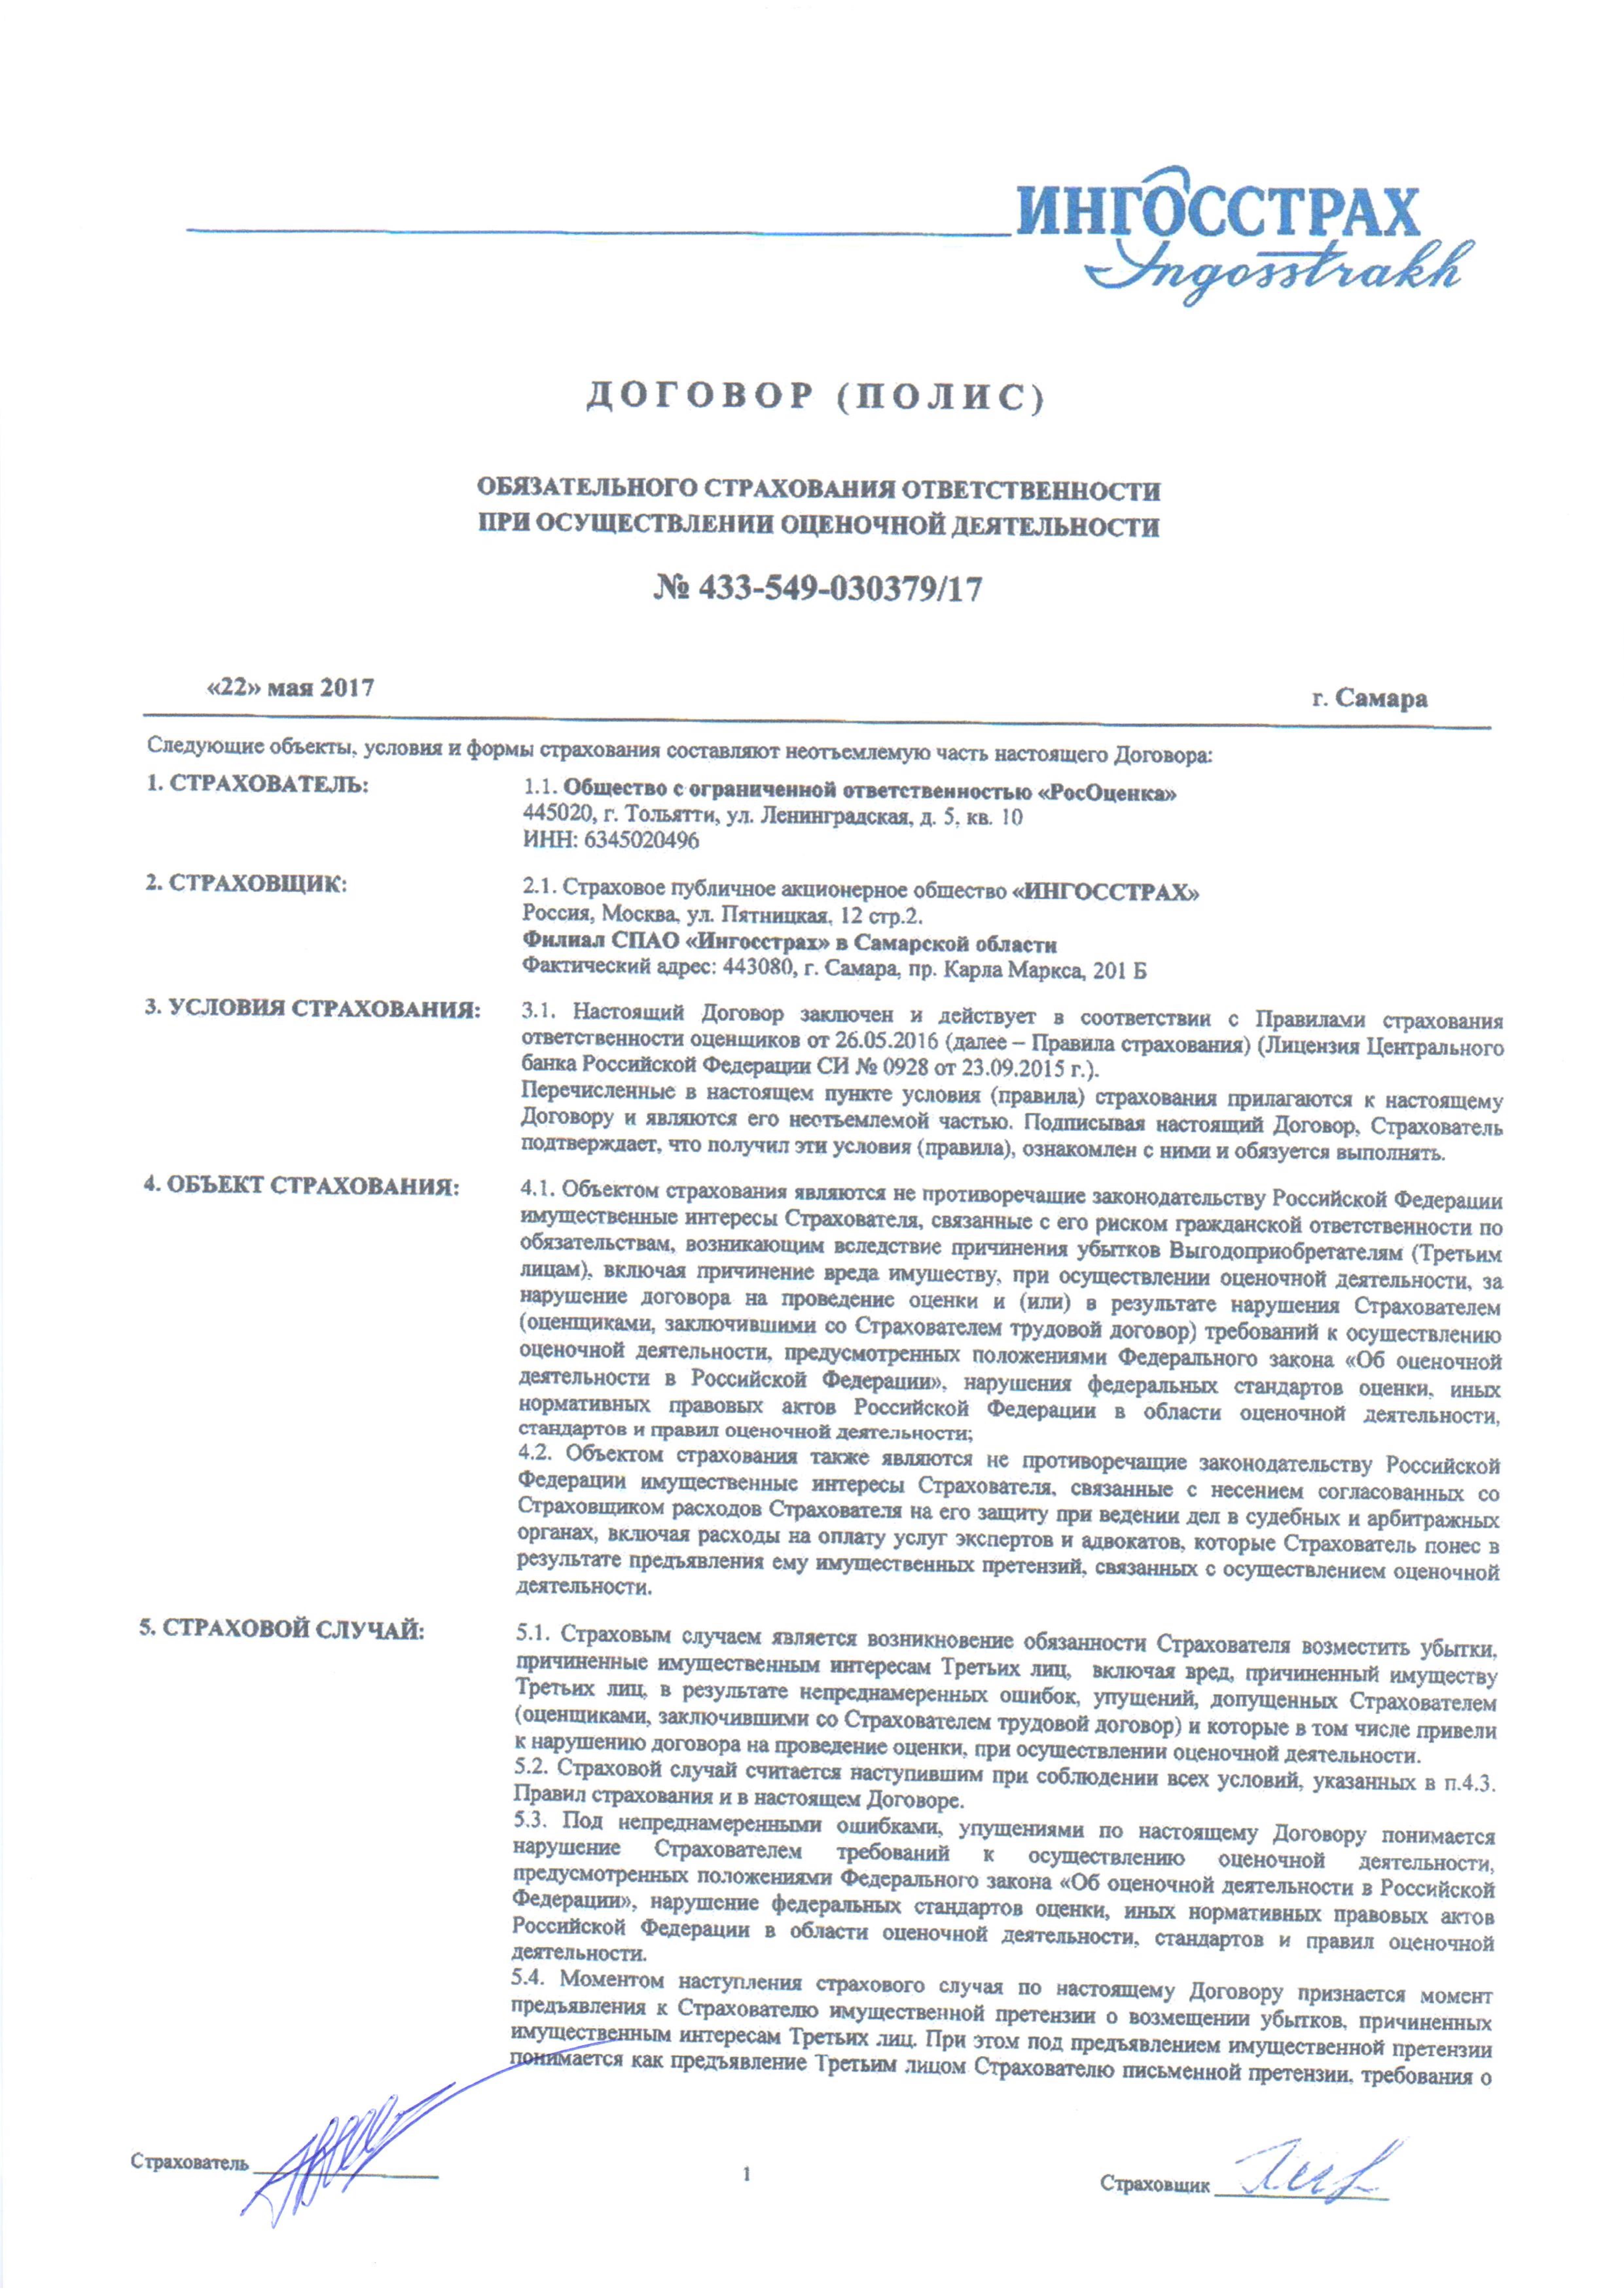 ПОЛИС_Росоценка_100 млн._22.05.2017-21.05.2018 (1)